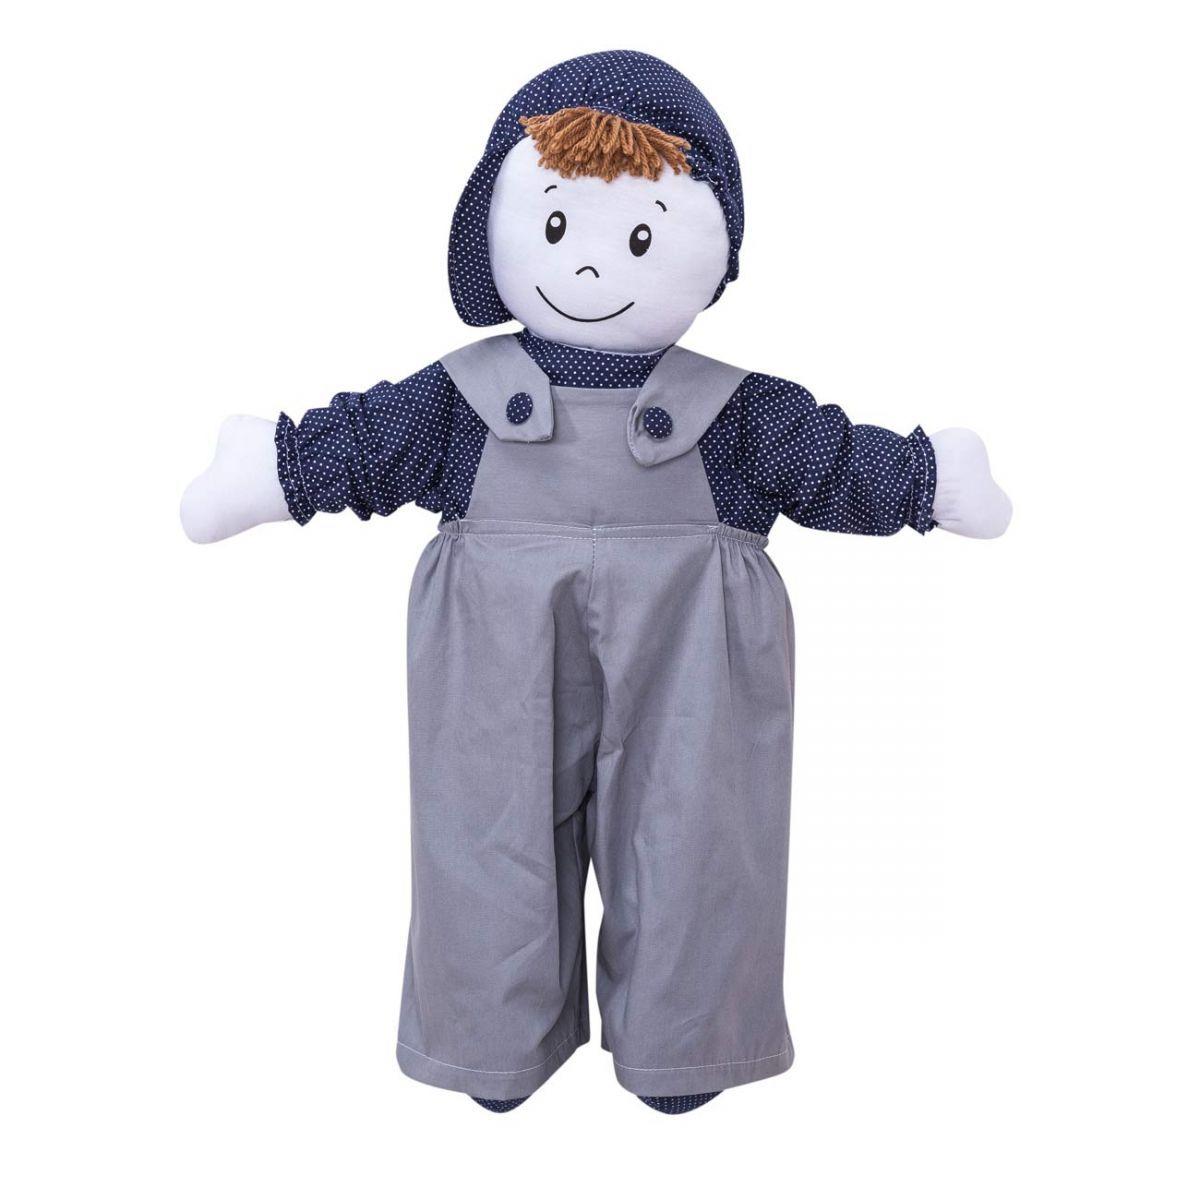 Boneco decorativa para Quarto Bebê Coleção Futebol - Azul